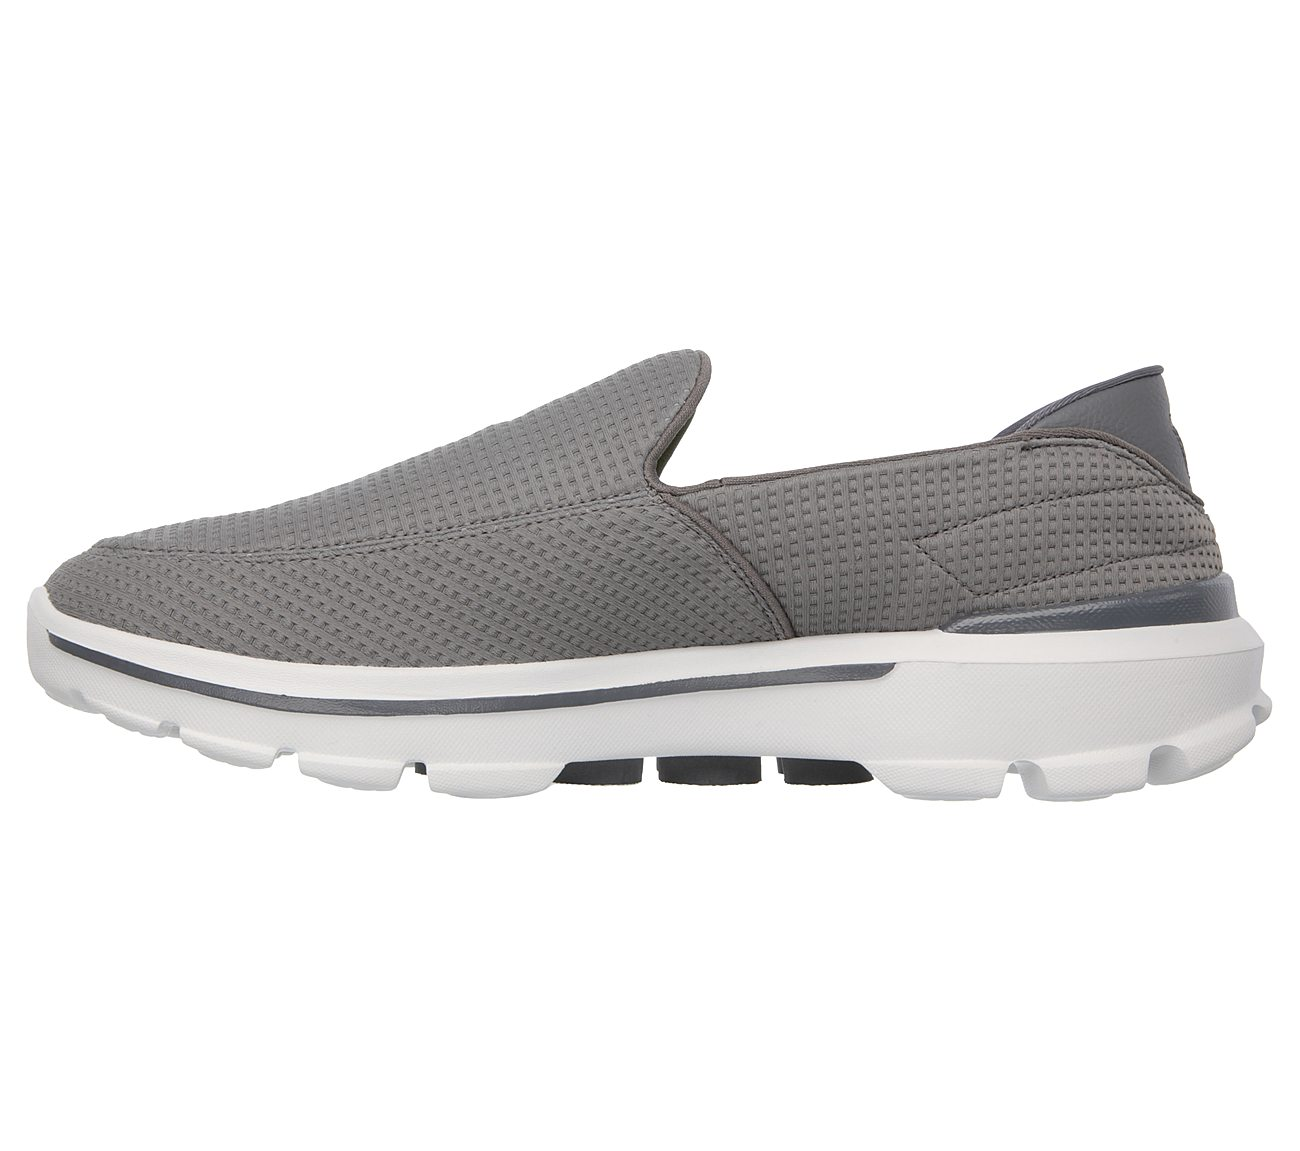 3d4b0edbb2 Buy SKECHERS Skechers GOwalk 3 - Unfold Skechers Performance Shoes ...